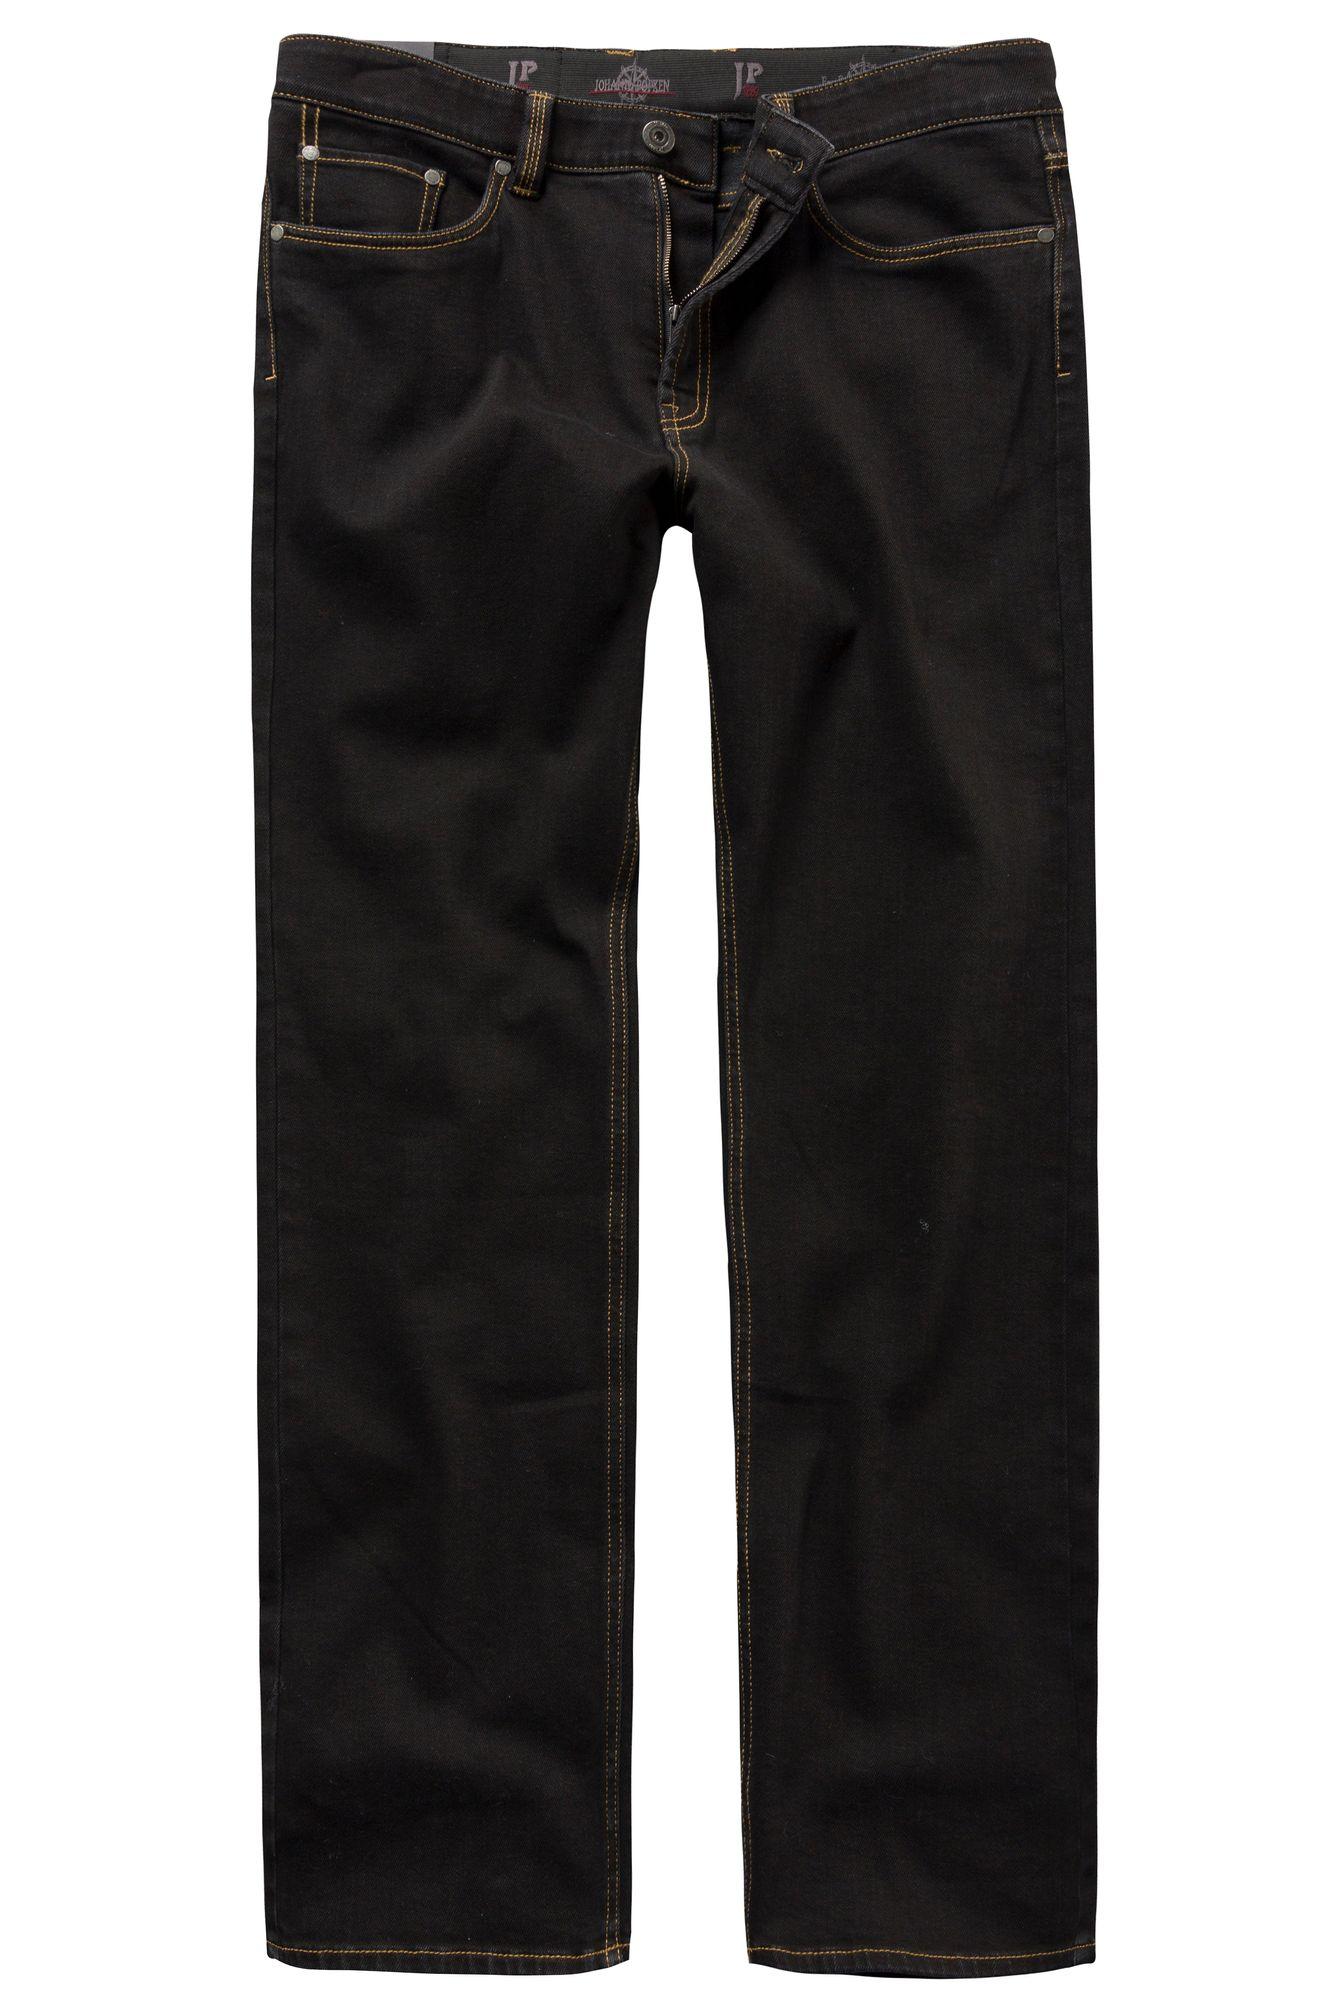 neues Design Räumungspreis genießen elegant und anmutig J. Popken - Regular Fit - Herren Jeans, 5-Pocket mit Denim-Stretch in den  Größen Untersetzt und Normal in Schwarz (Artikel: 70806811 Artikel:  70806711 ...